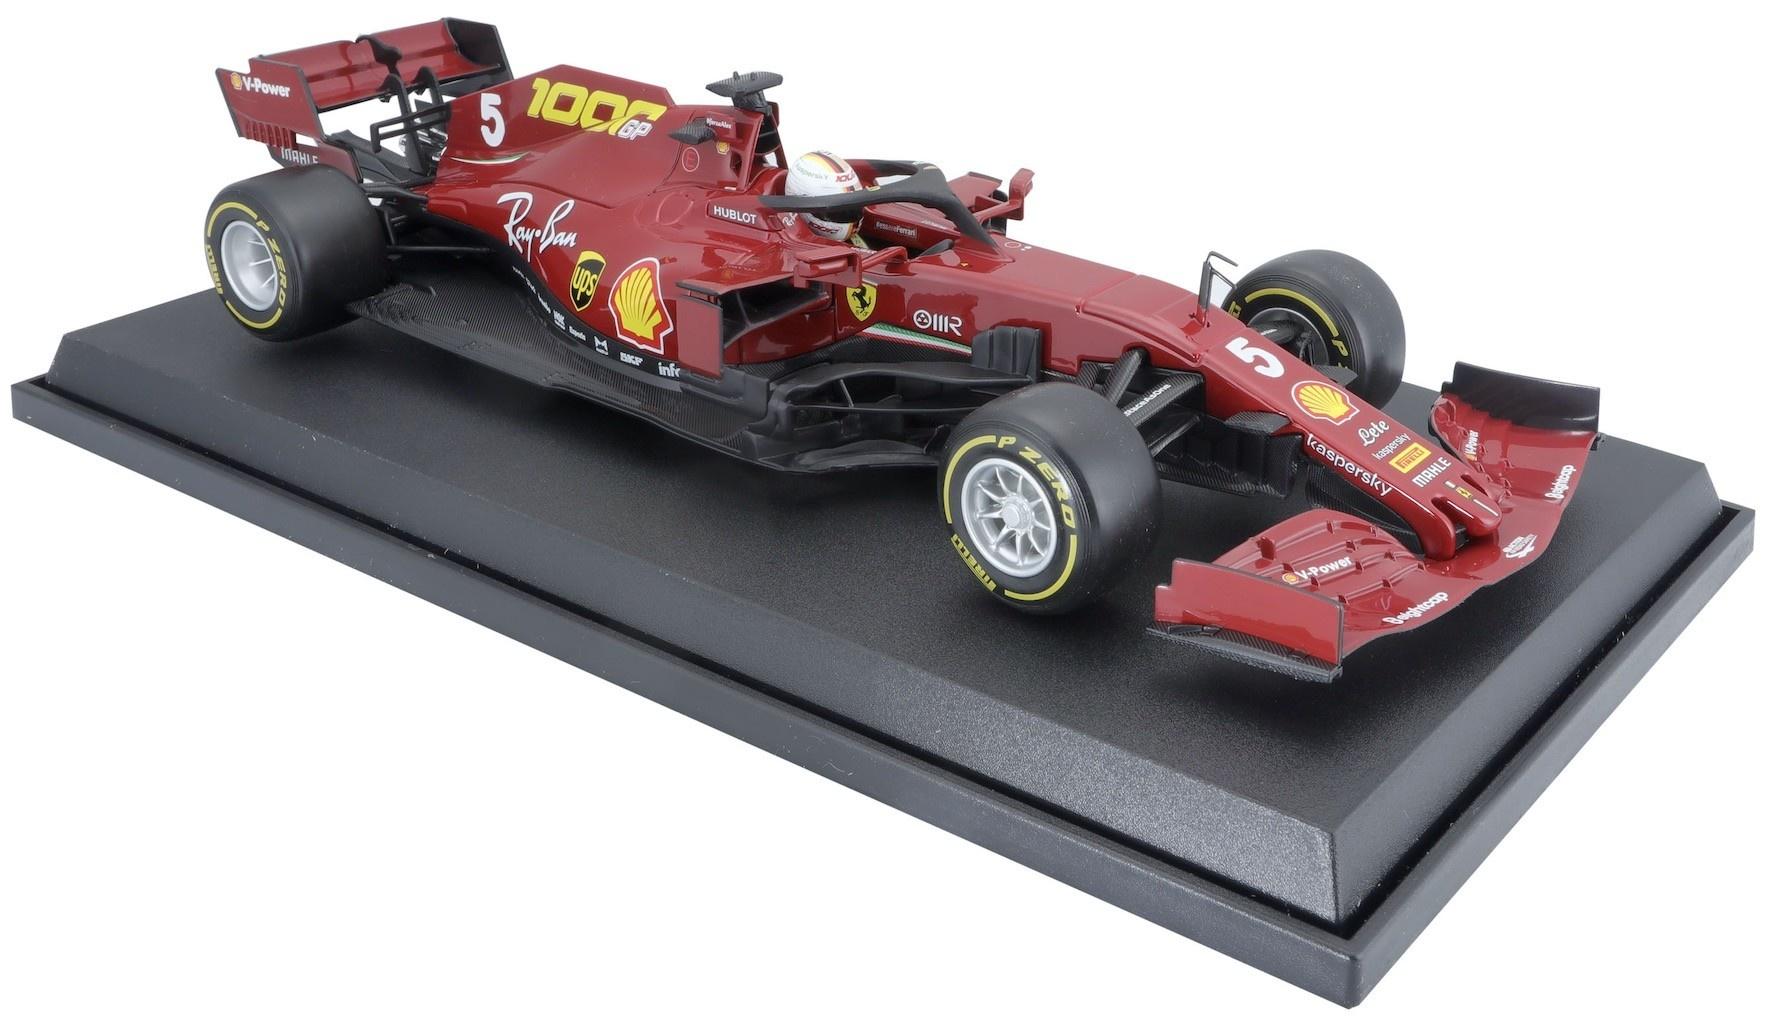 Bburago Ferrari Vettel 1:18 schaalmodel 2020 Toscane